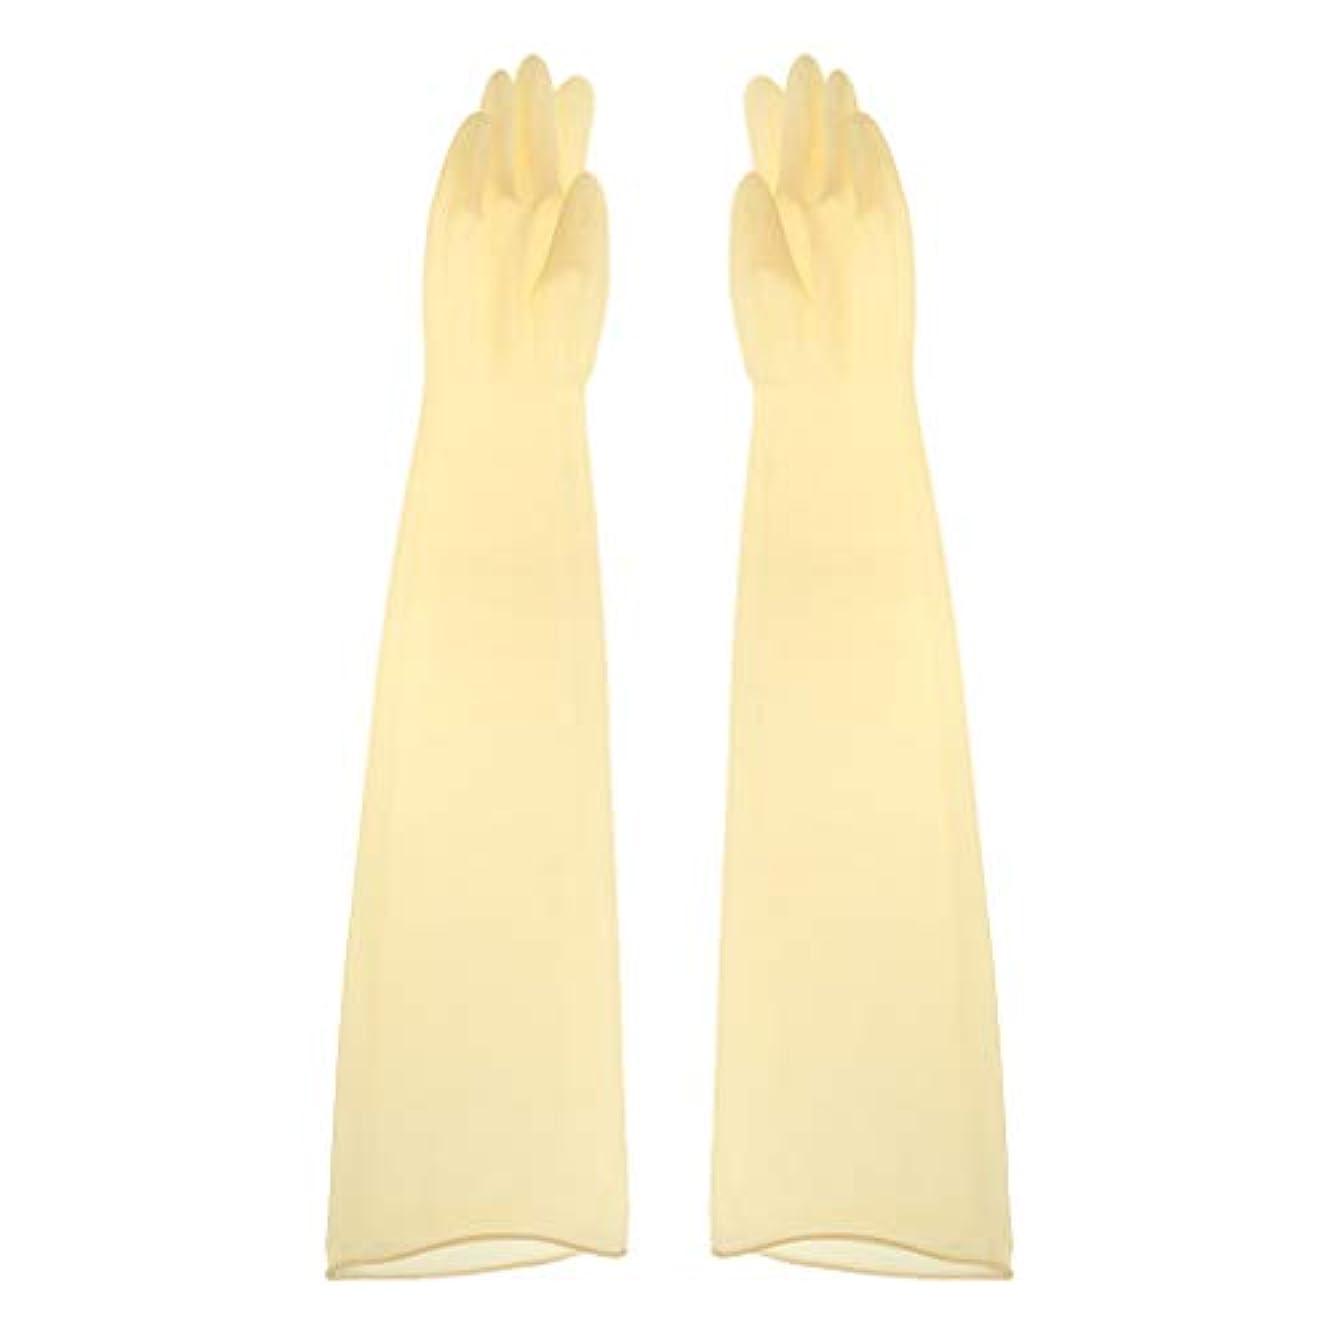 愛人並外れて動くgazechimp ゴム手袋 ロング 70cm 耐薬品性 酸?アルカリに強い手袋 ラテックス手袋 1ペア - 700x160x0.8mm